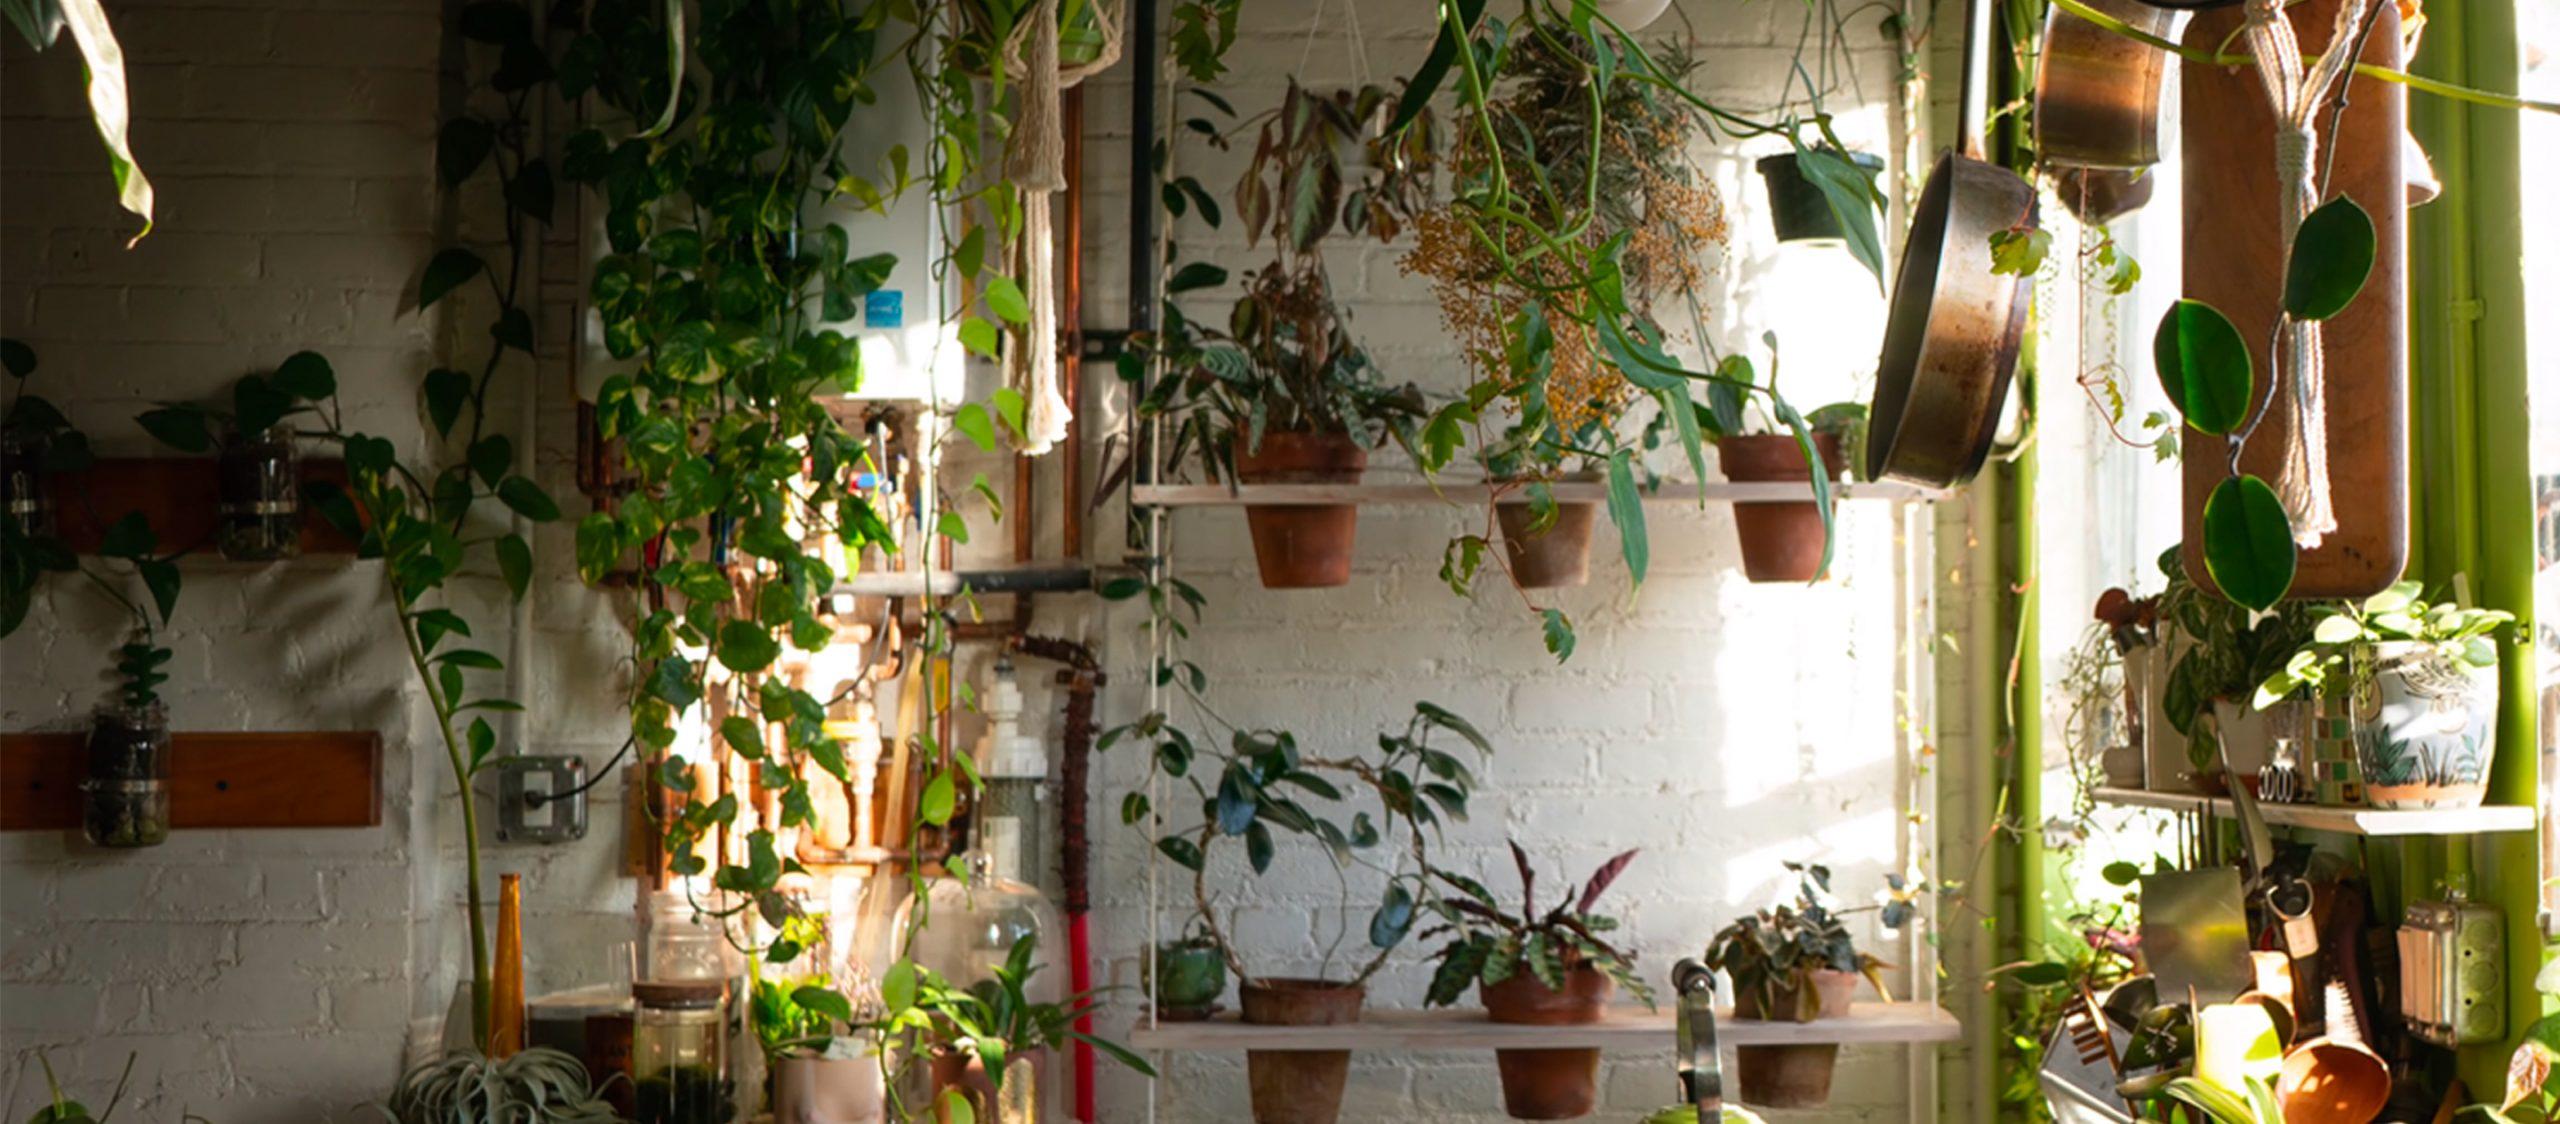 เปลี่ยนห้องเป็นป่า 6 ช่องยูทูบสำหรับคนอยากปลูกต้นไม้ในบ้าน ชุบชีวิตให้ทุกฝ่ายเบิกบาน